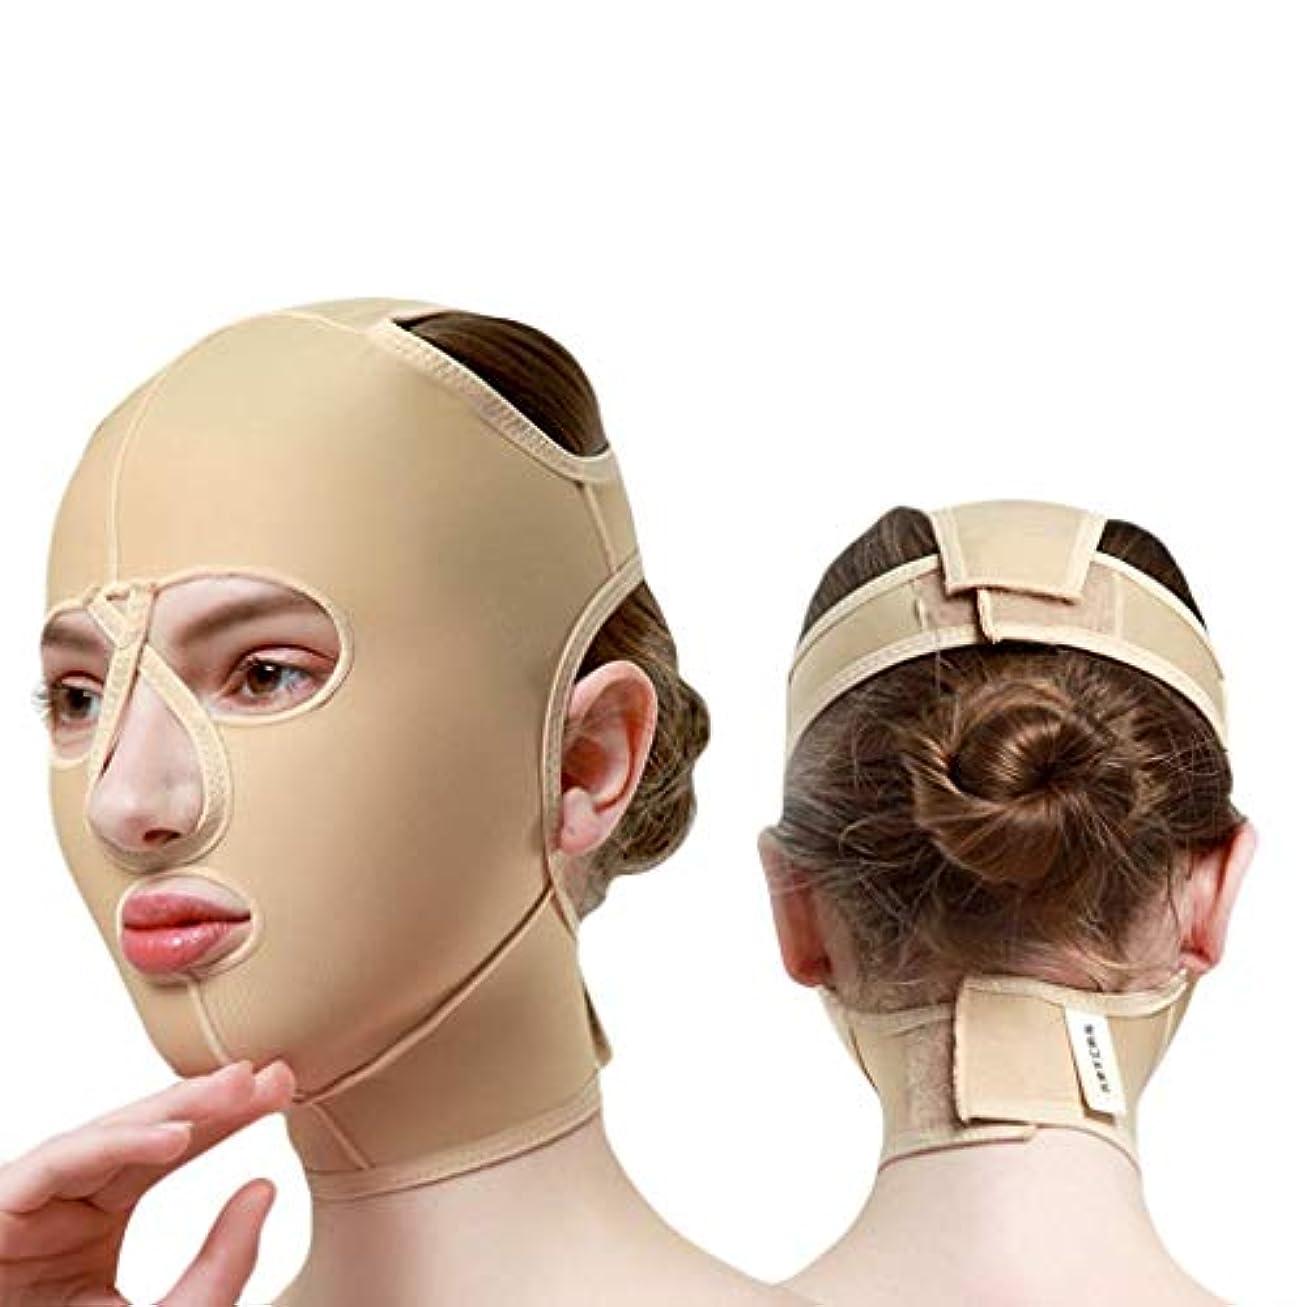 市場とは異なりヘビチンストラップ、顔彫りツール、リフティングマスク、ダブルチンリデューサー、フェイスリフティングエラスティックマスクメス(サイズ:M),XXL